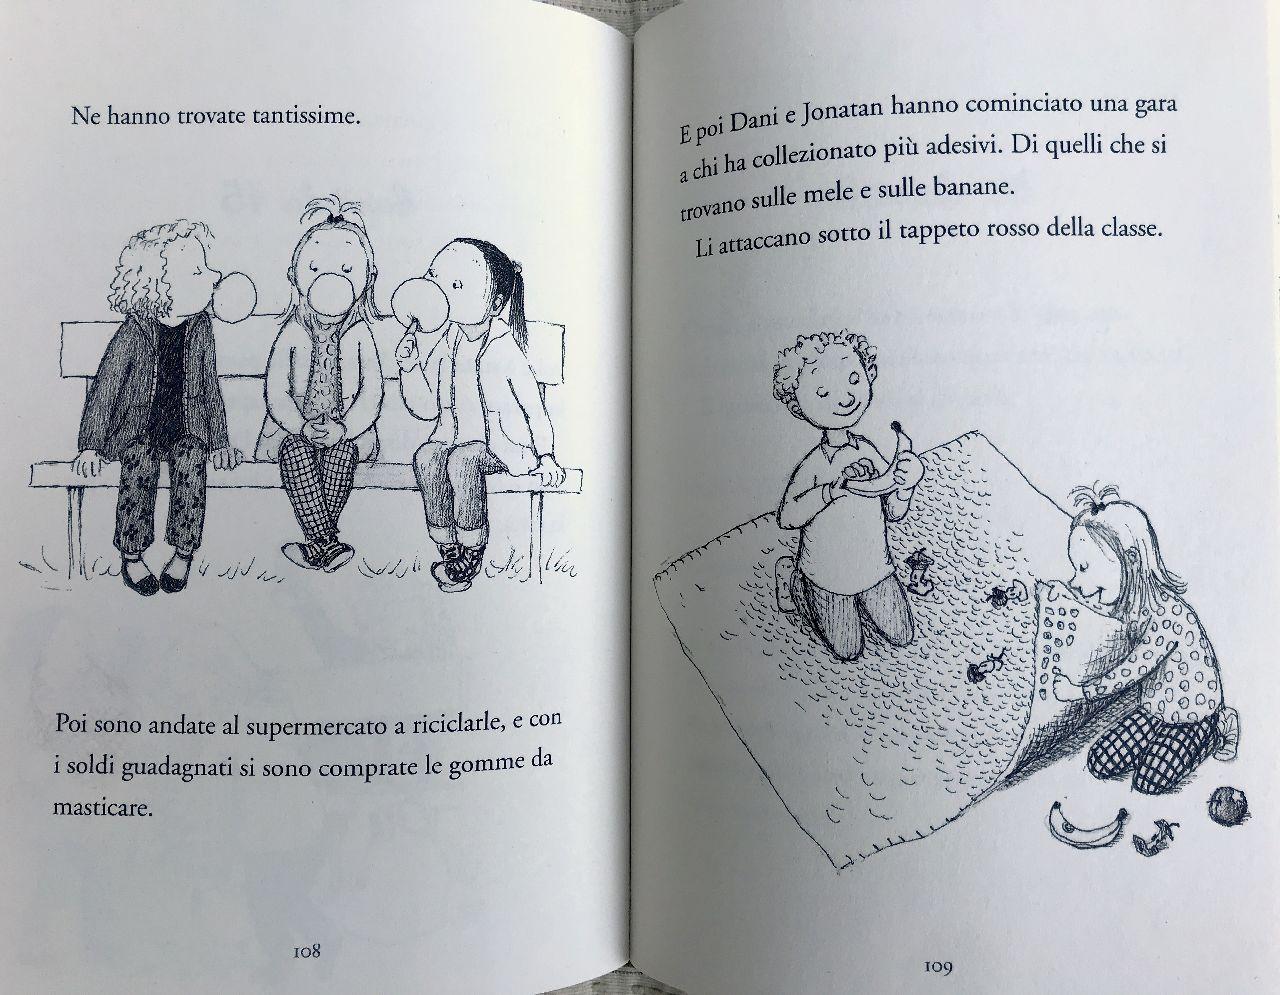 Rose Lagercrantz - Eva Eriksson, La mia vita felice, Il castoro